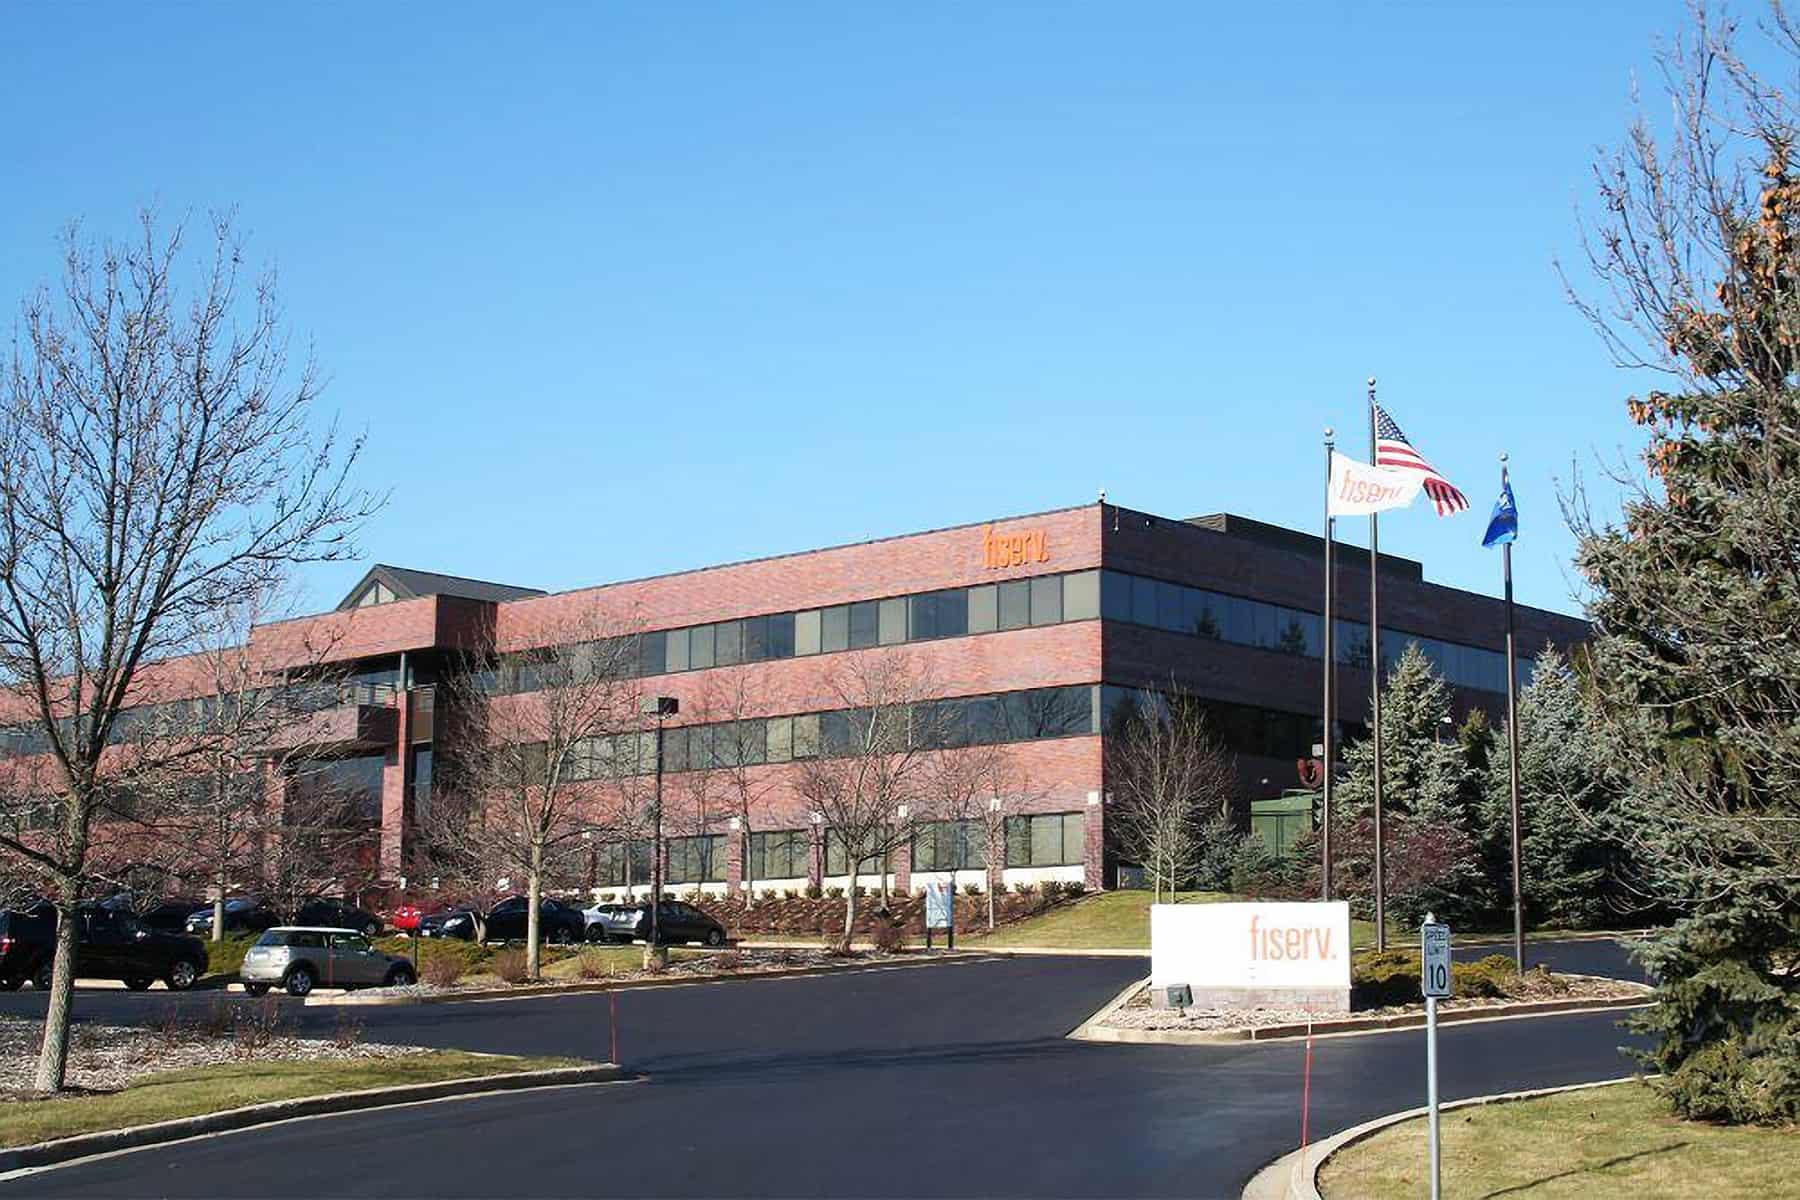 Fiserv headquarters